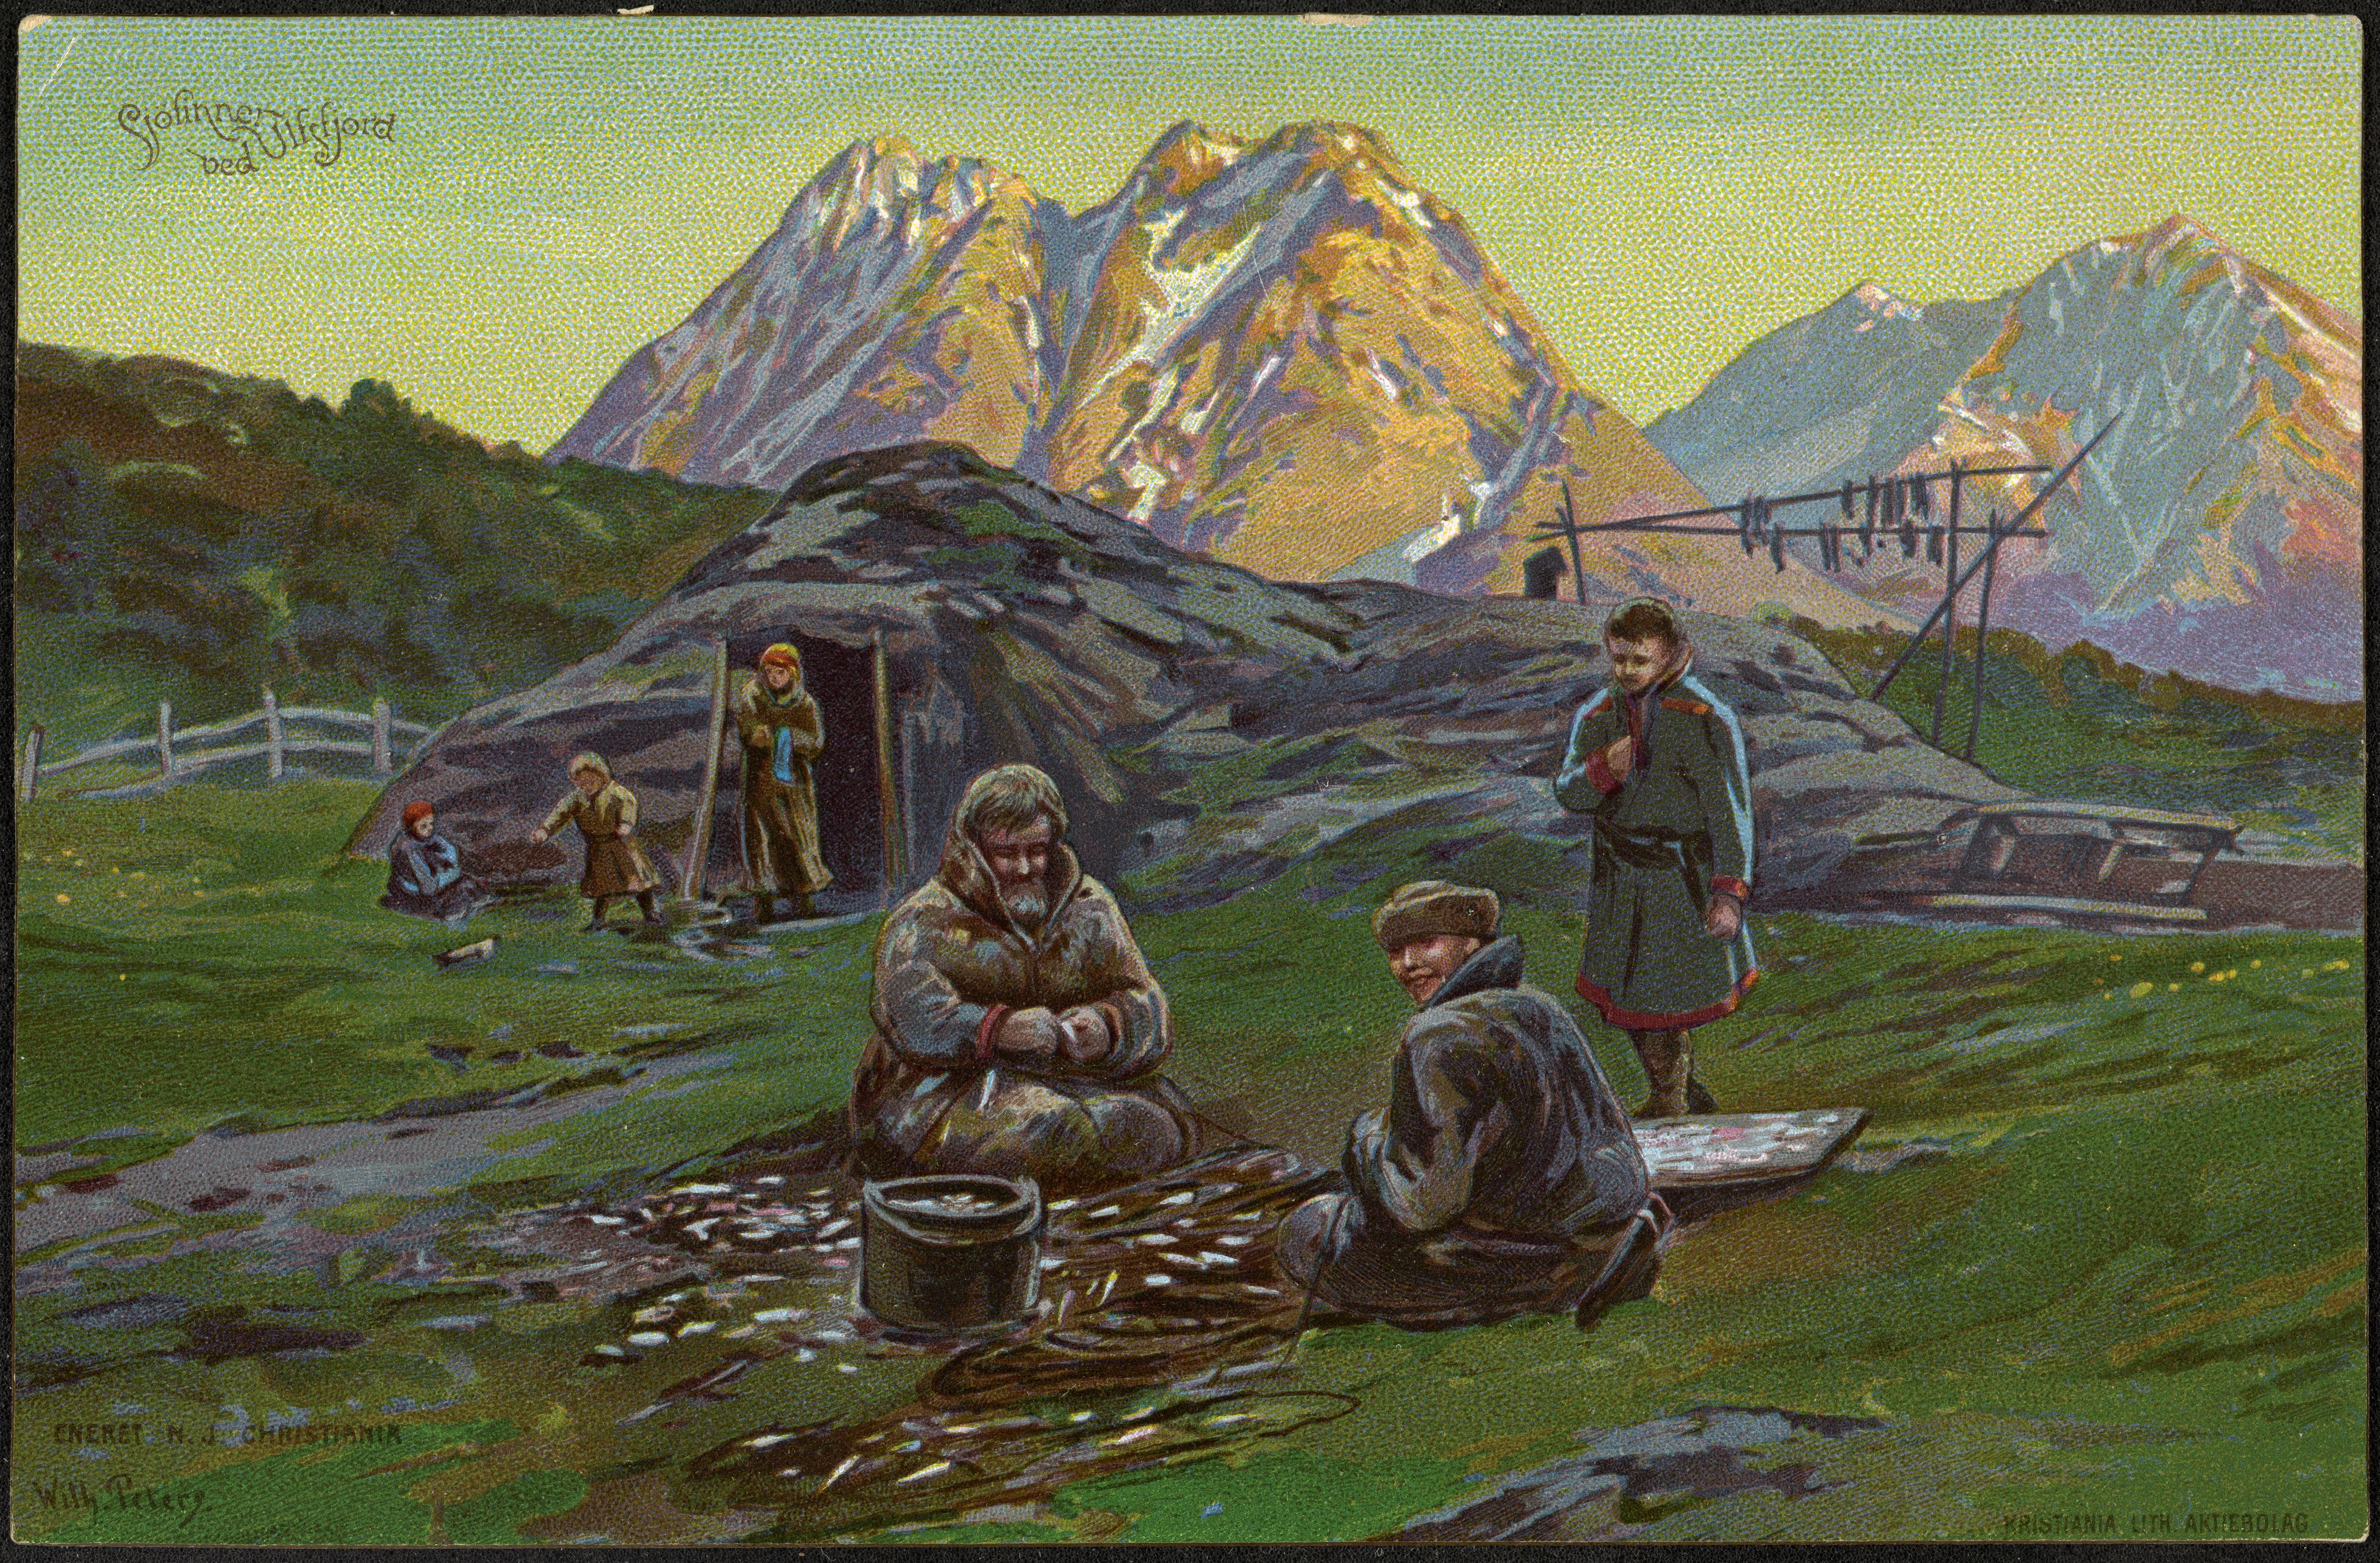 Sjøfinner ved Ulfsfjord / Coast Sami at Ulfsfjord